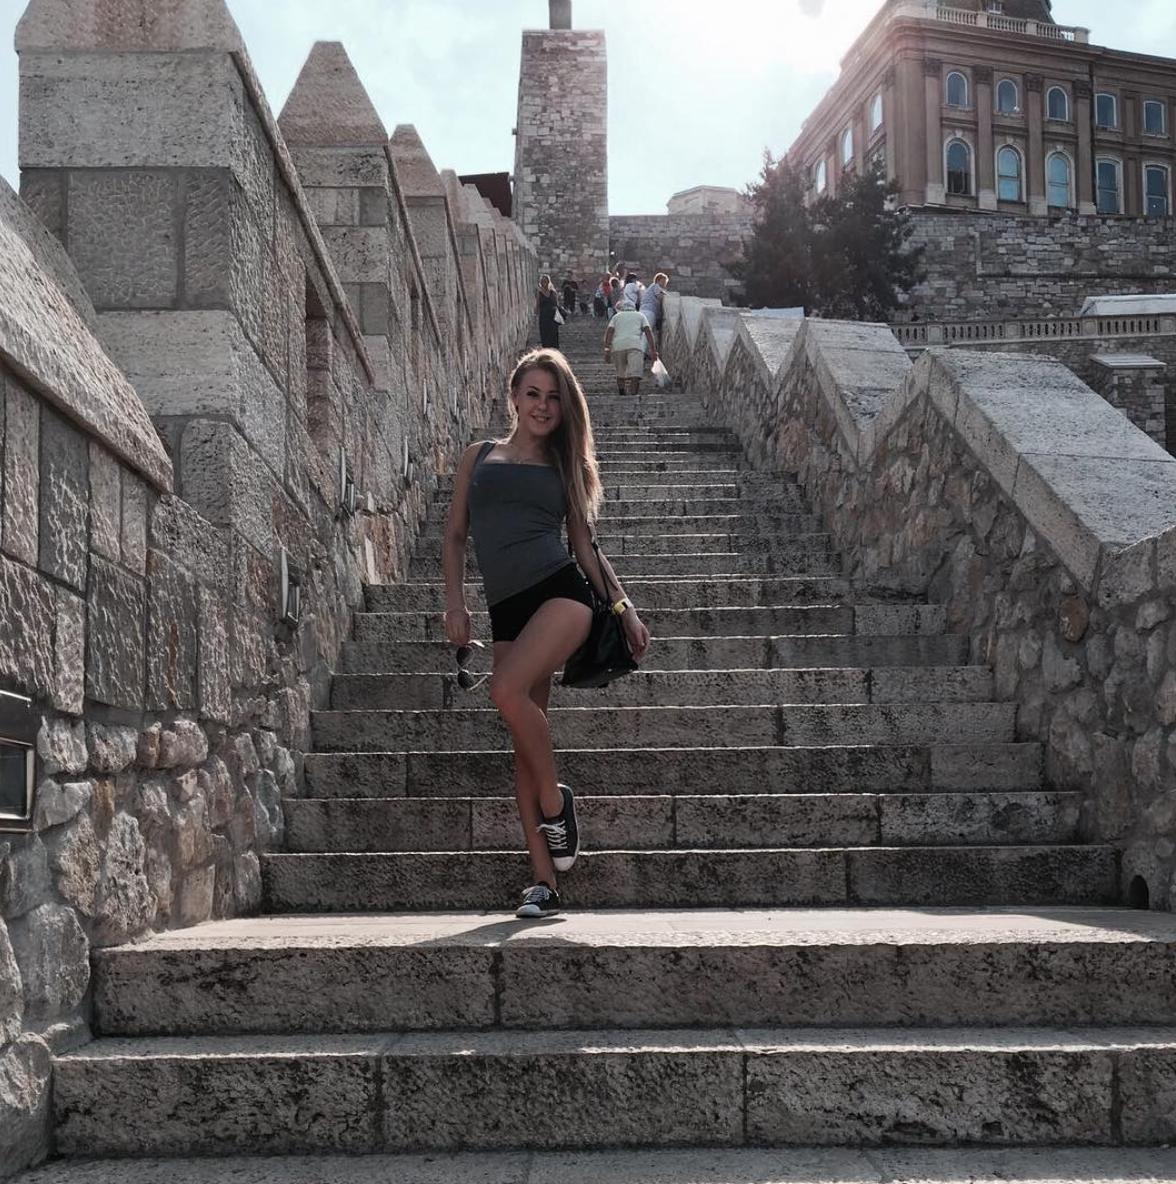 Walking on steps